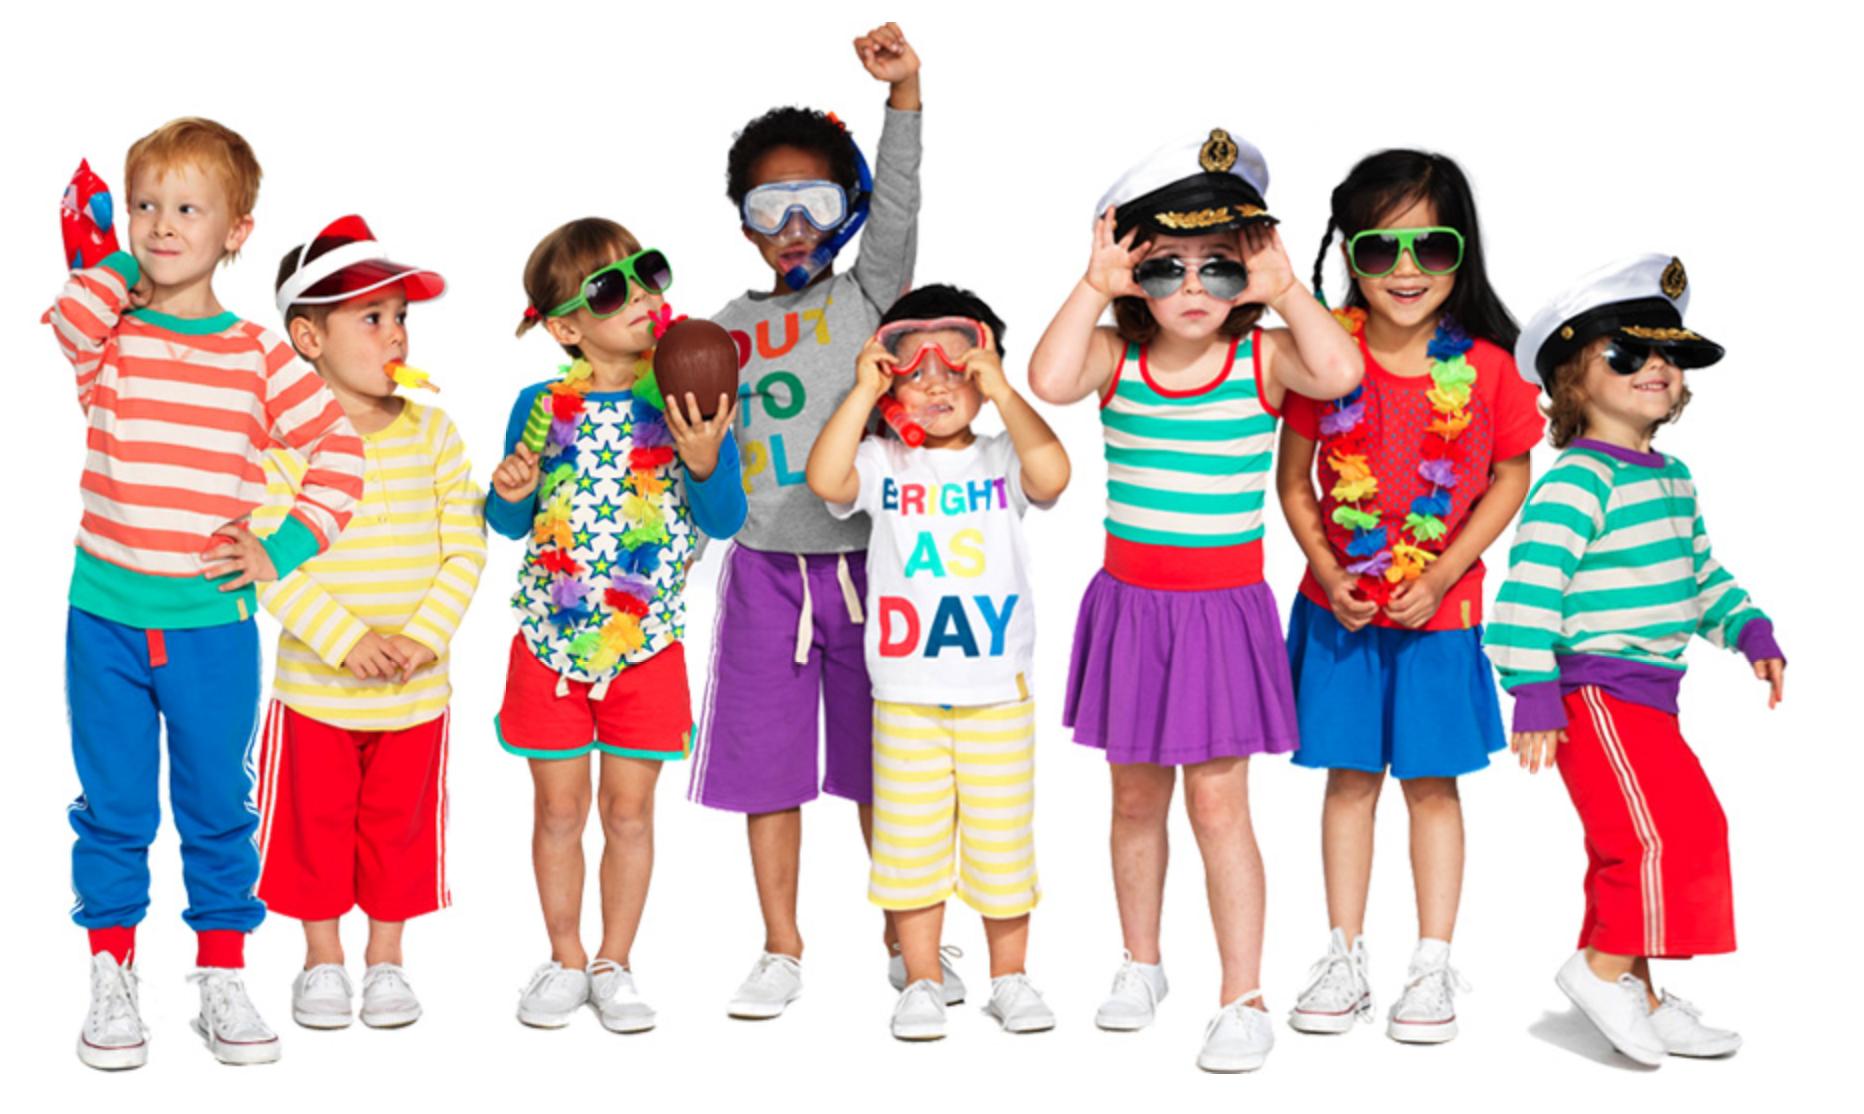 تاثیر روانی رنگ لباس روی کودکان